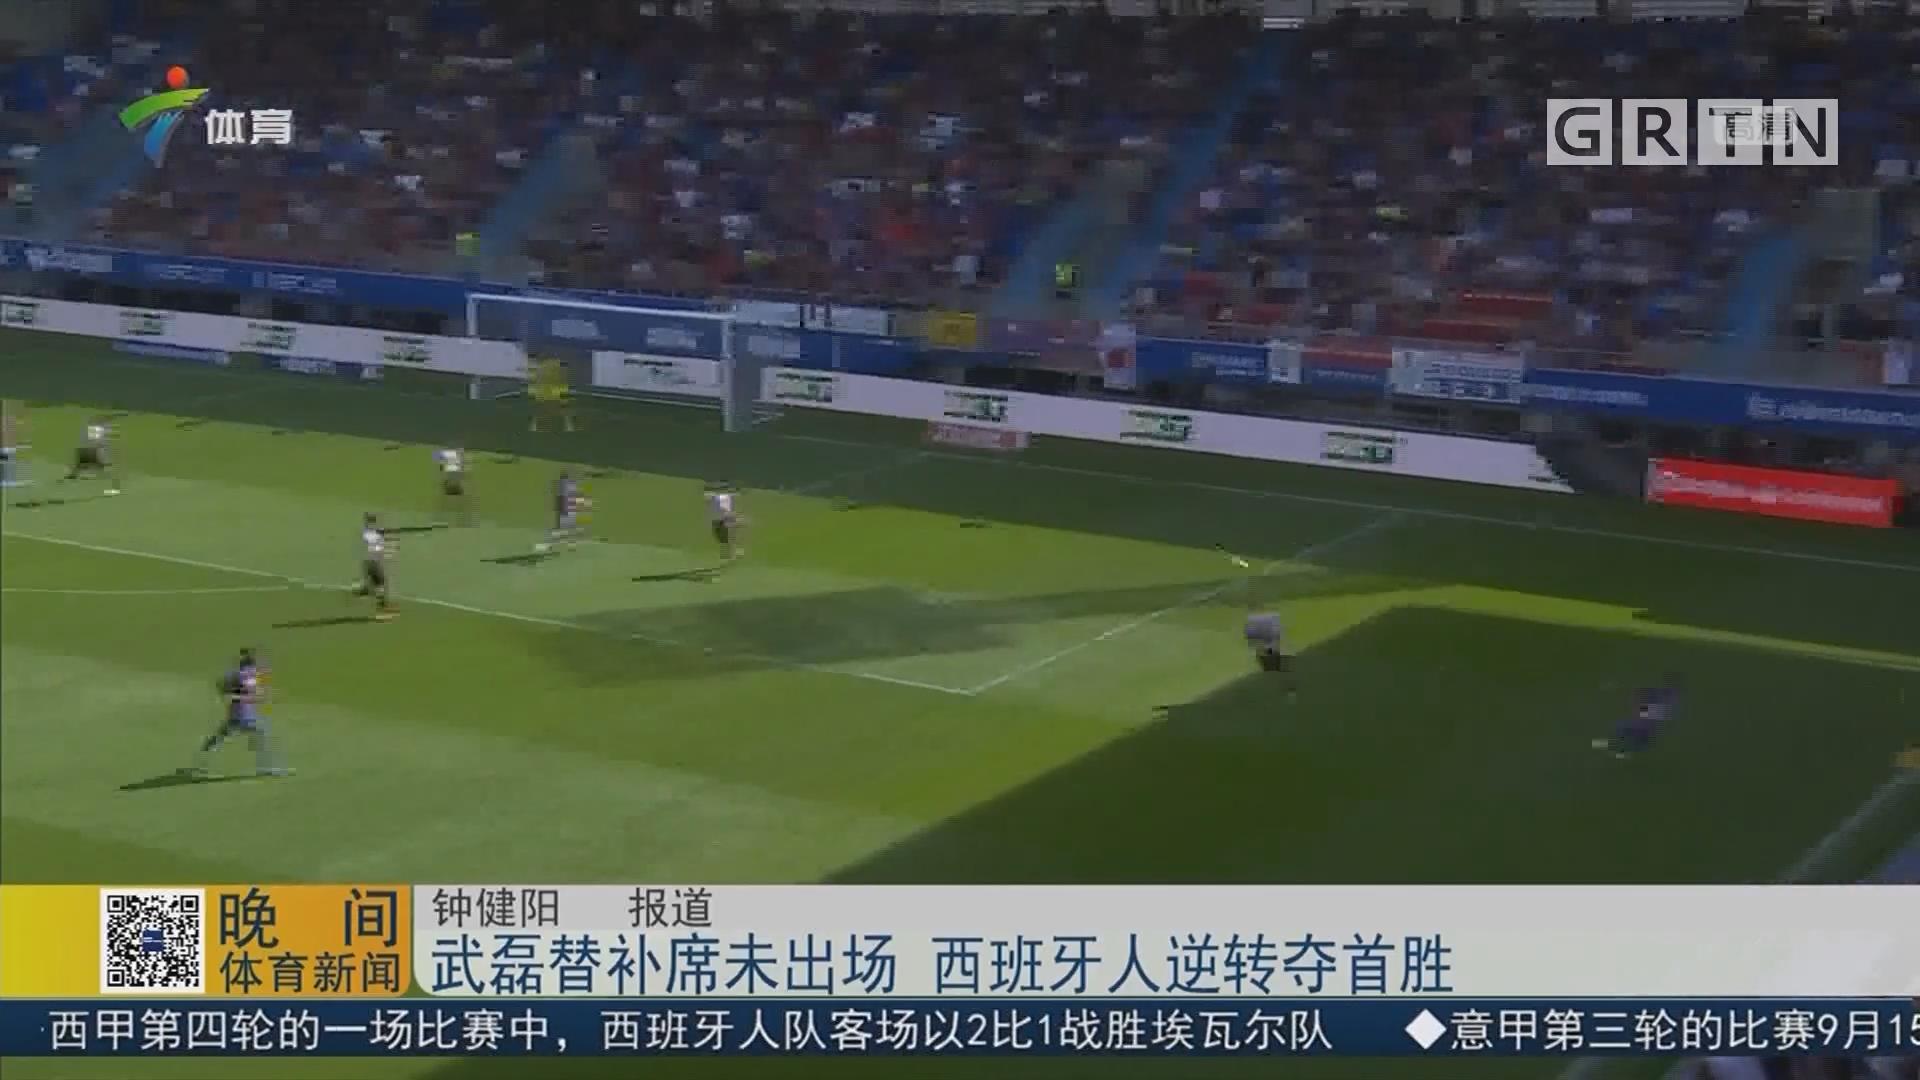 武磊替补席未出场 西班牙人逆转夺首胜